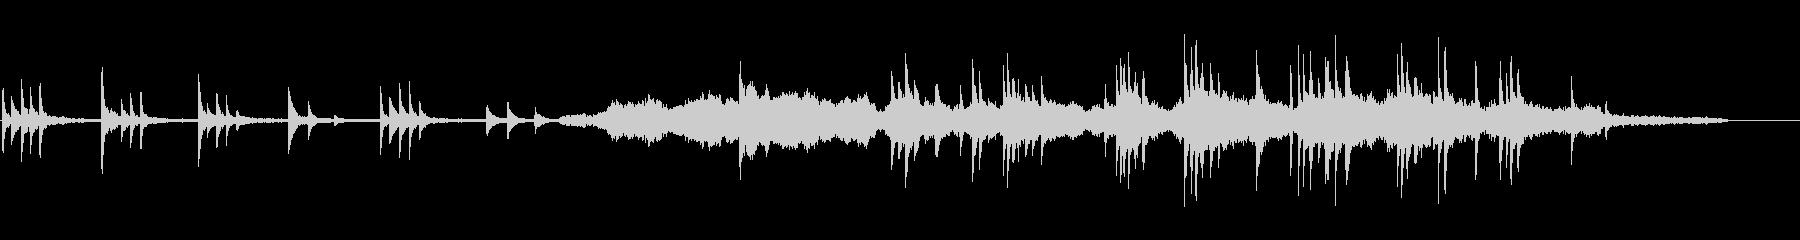 ピアノ、弦楽器、オーボエ、ハープ、...の未再生の波形